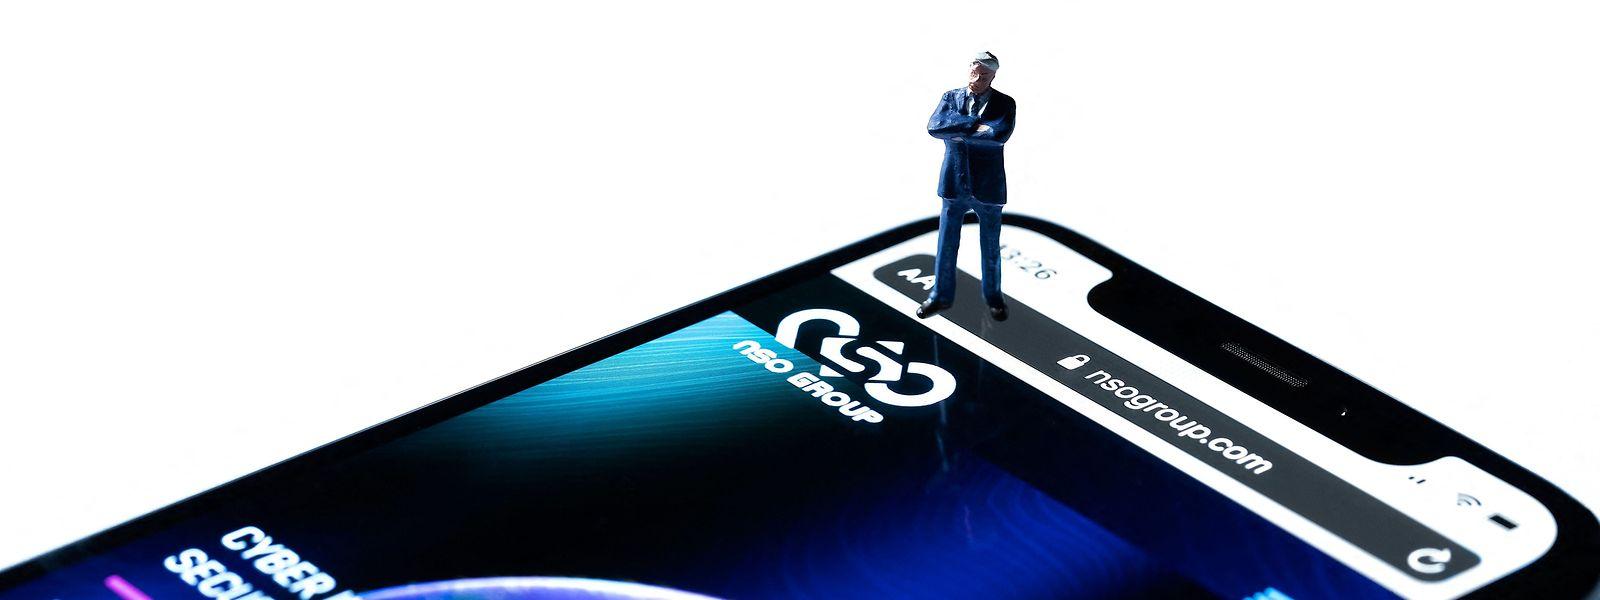 Rund 60 Kunden in 40 Ländern greifen auf die Überwachungssoftware Pegasus des israelischen Herstellers NSO zurück.